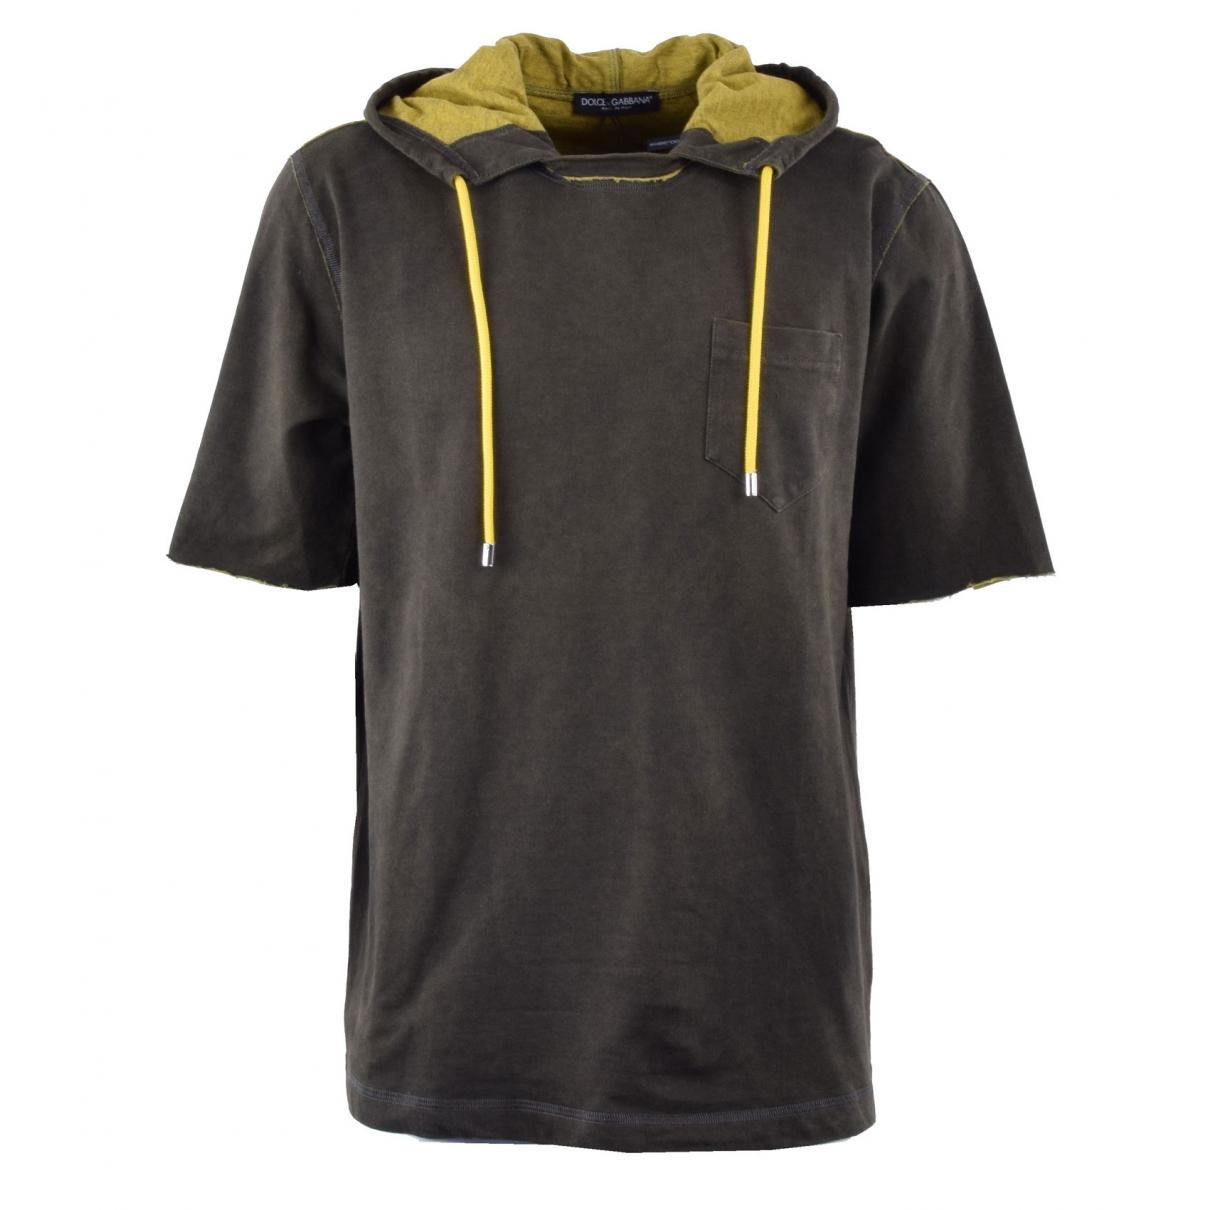 Dolce & Gabbana \N T-Shirts in  Khaki Baumwolle